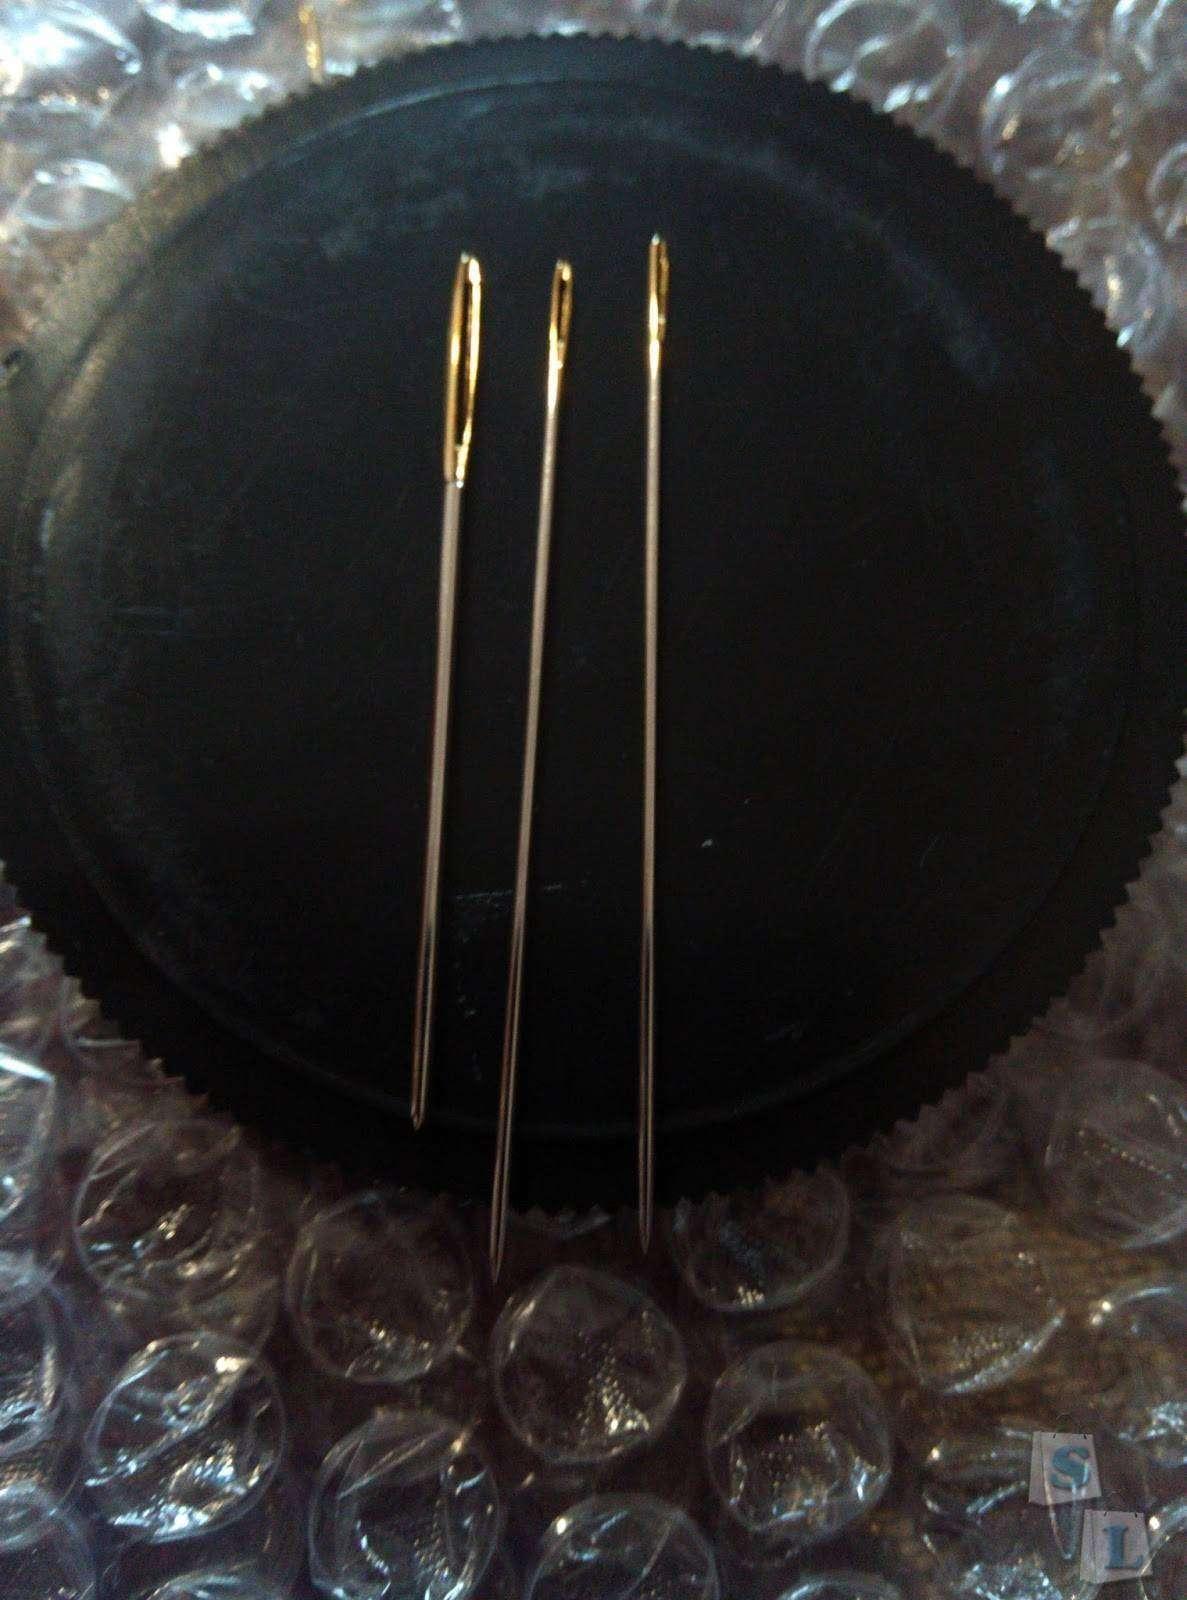 BuyinCoins: Набор иголок для шитья из поднебесной.